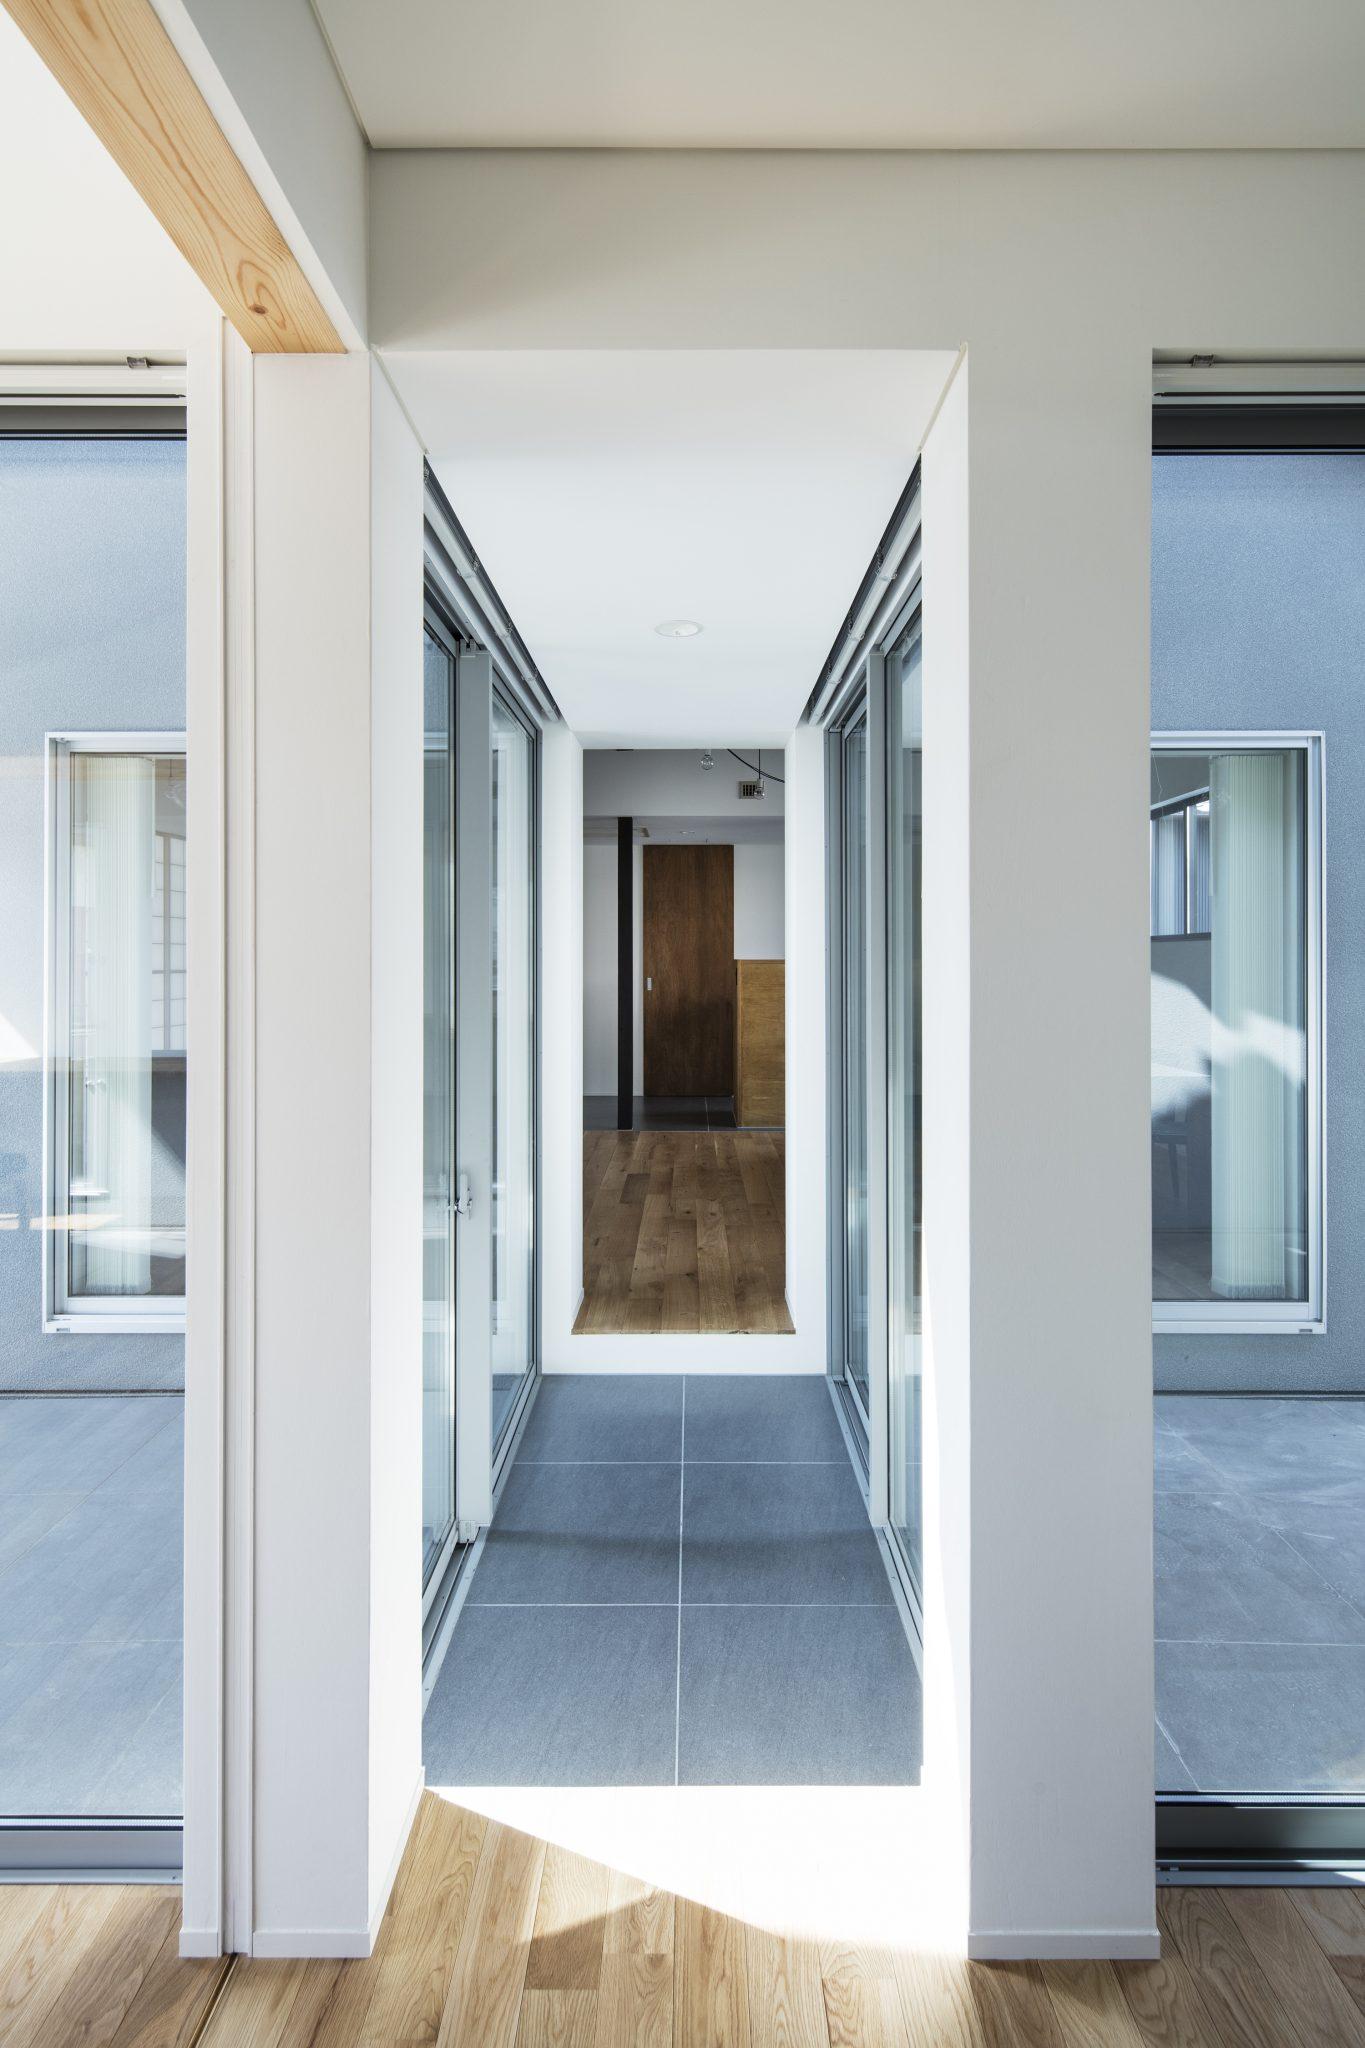 御殿の住宅 -リノベーション-|Residence in Goten by the renovation-180228_0260